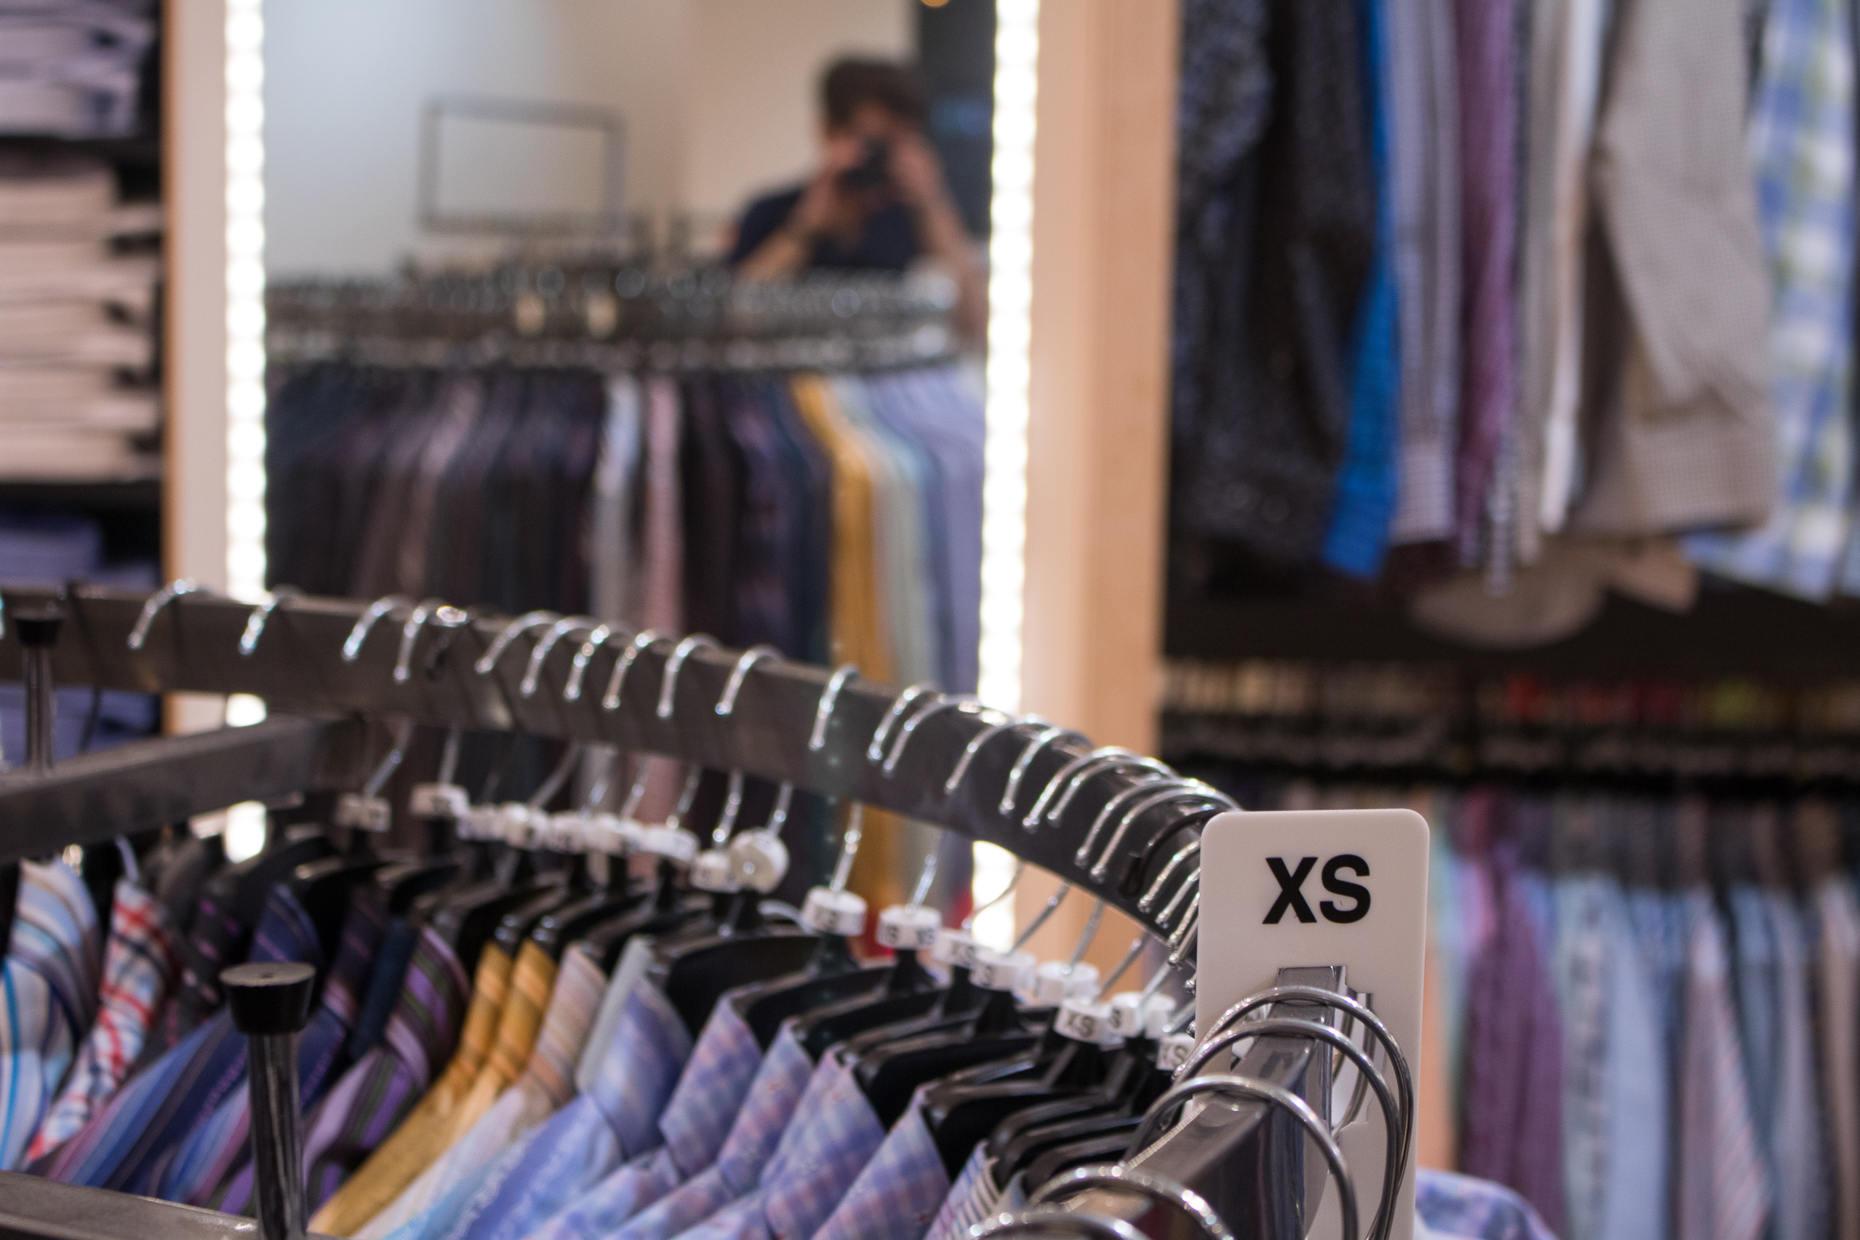 Jimmy Au's XS shirts